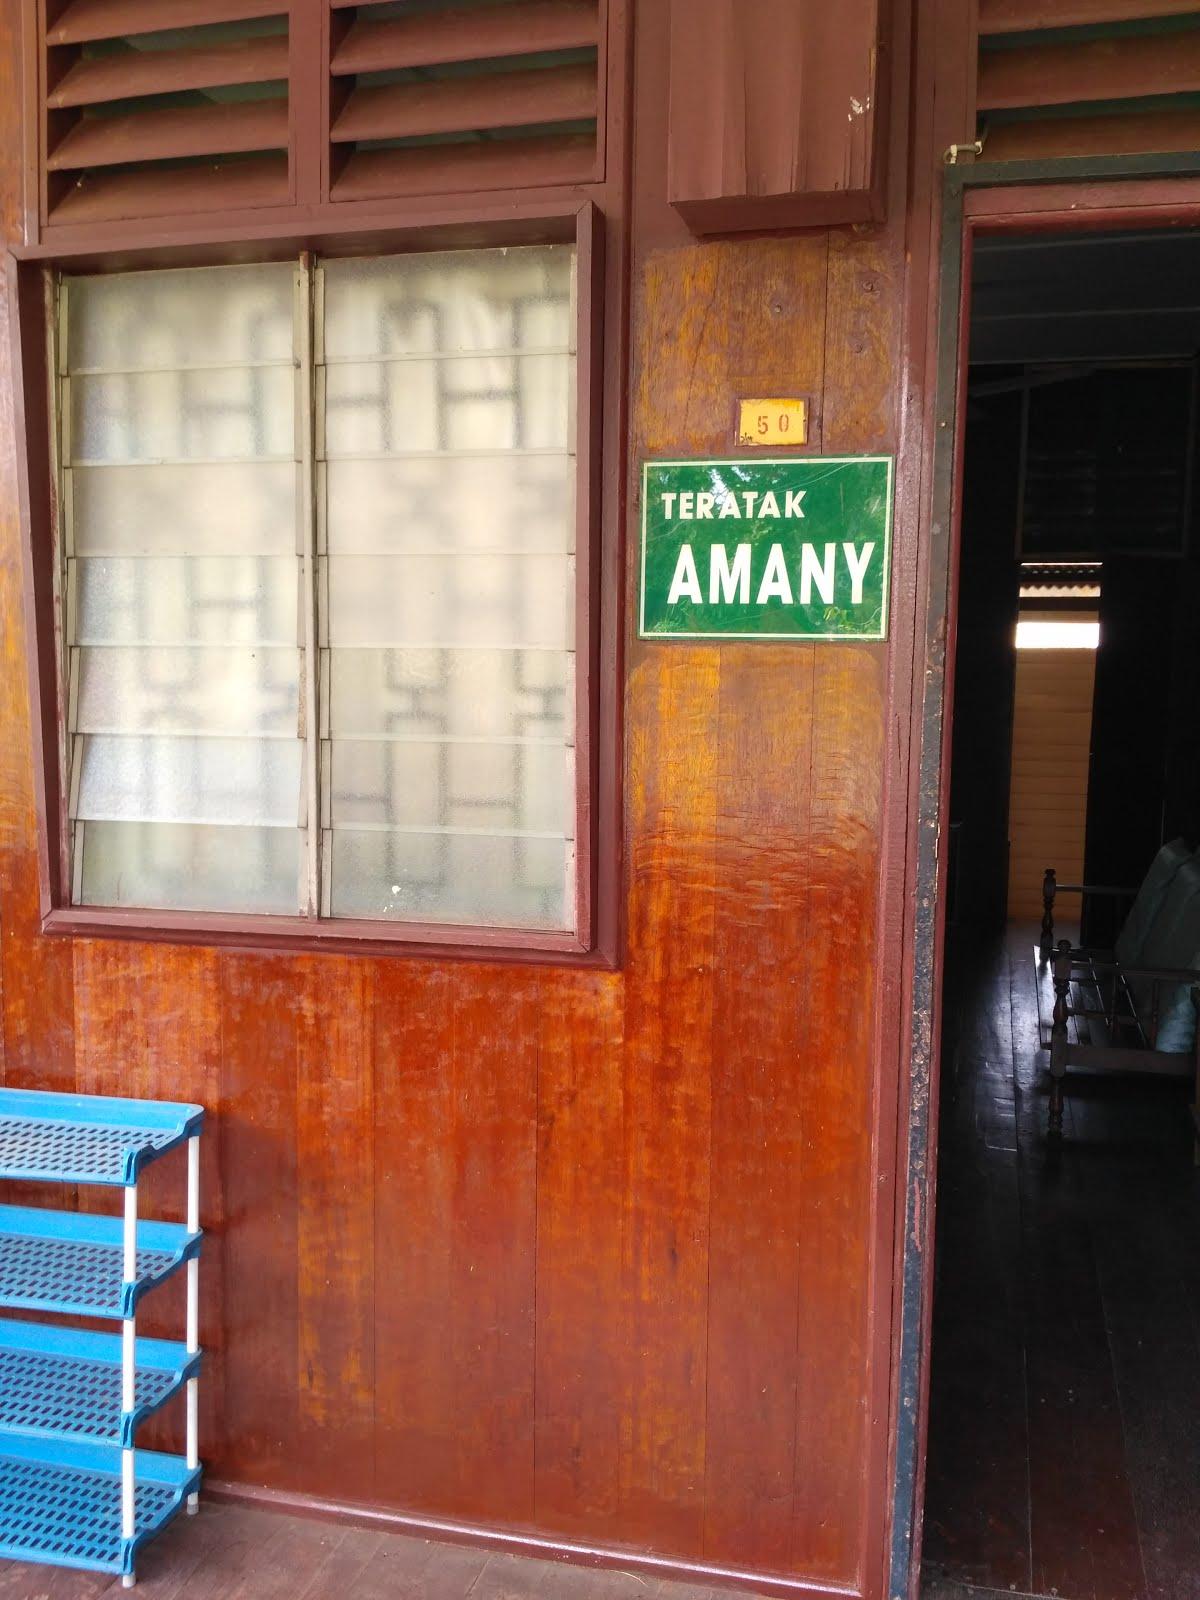 Teratak Amany